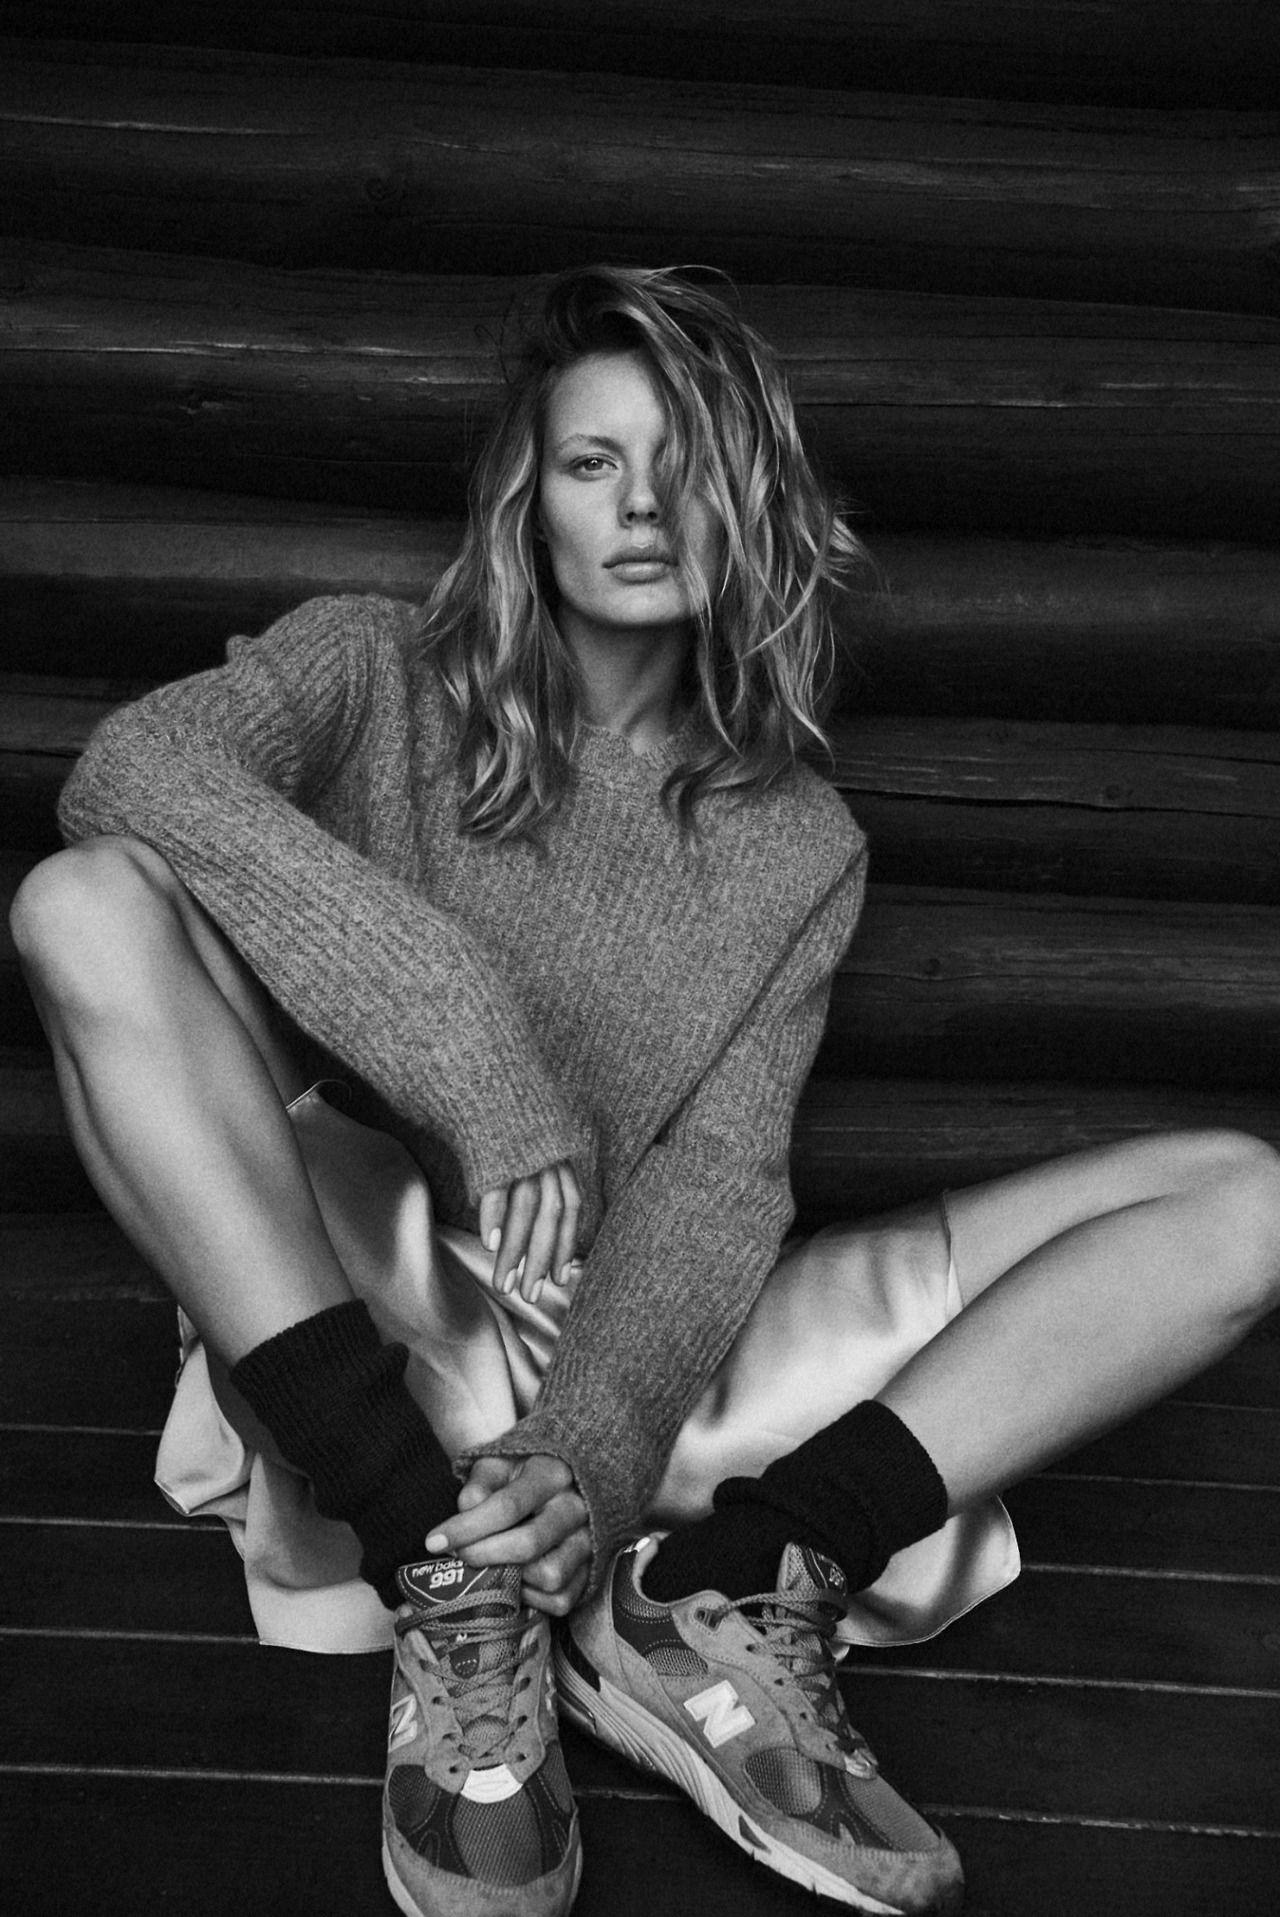 Instagram Marlijn Hoek nudes (79 foto and video), Ass, Bikini, Instagram, panties 2017